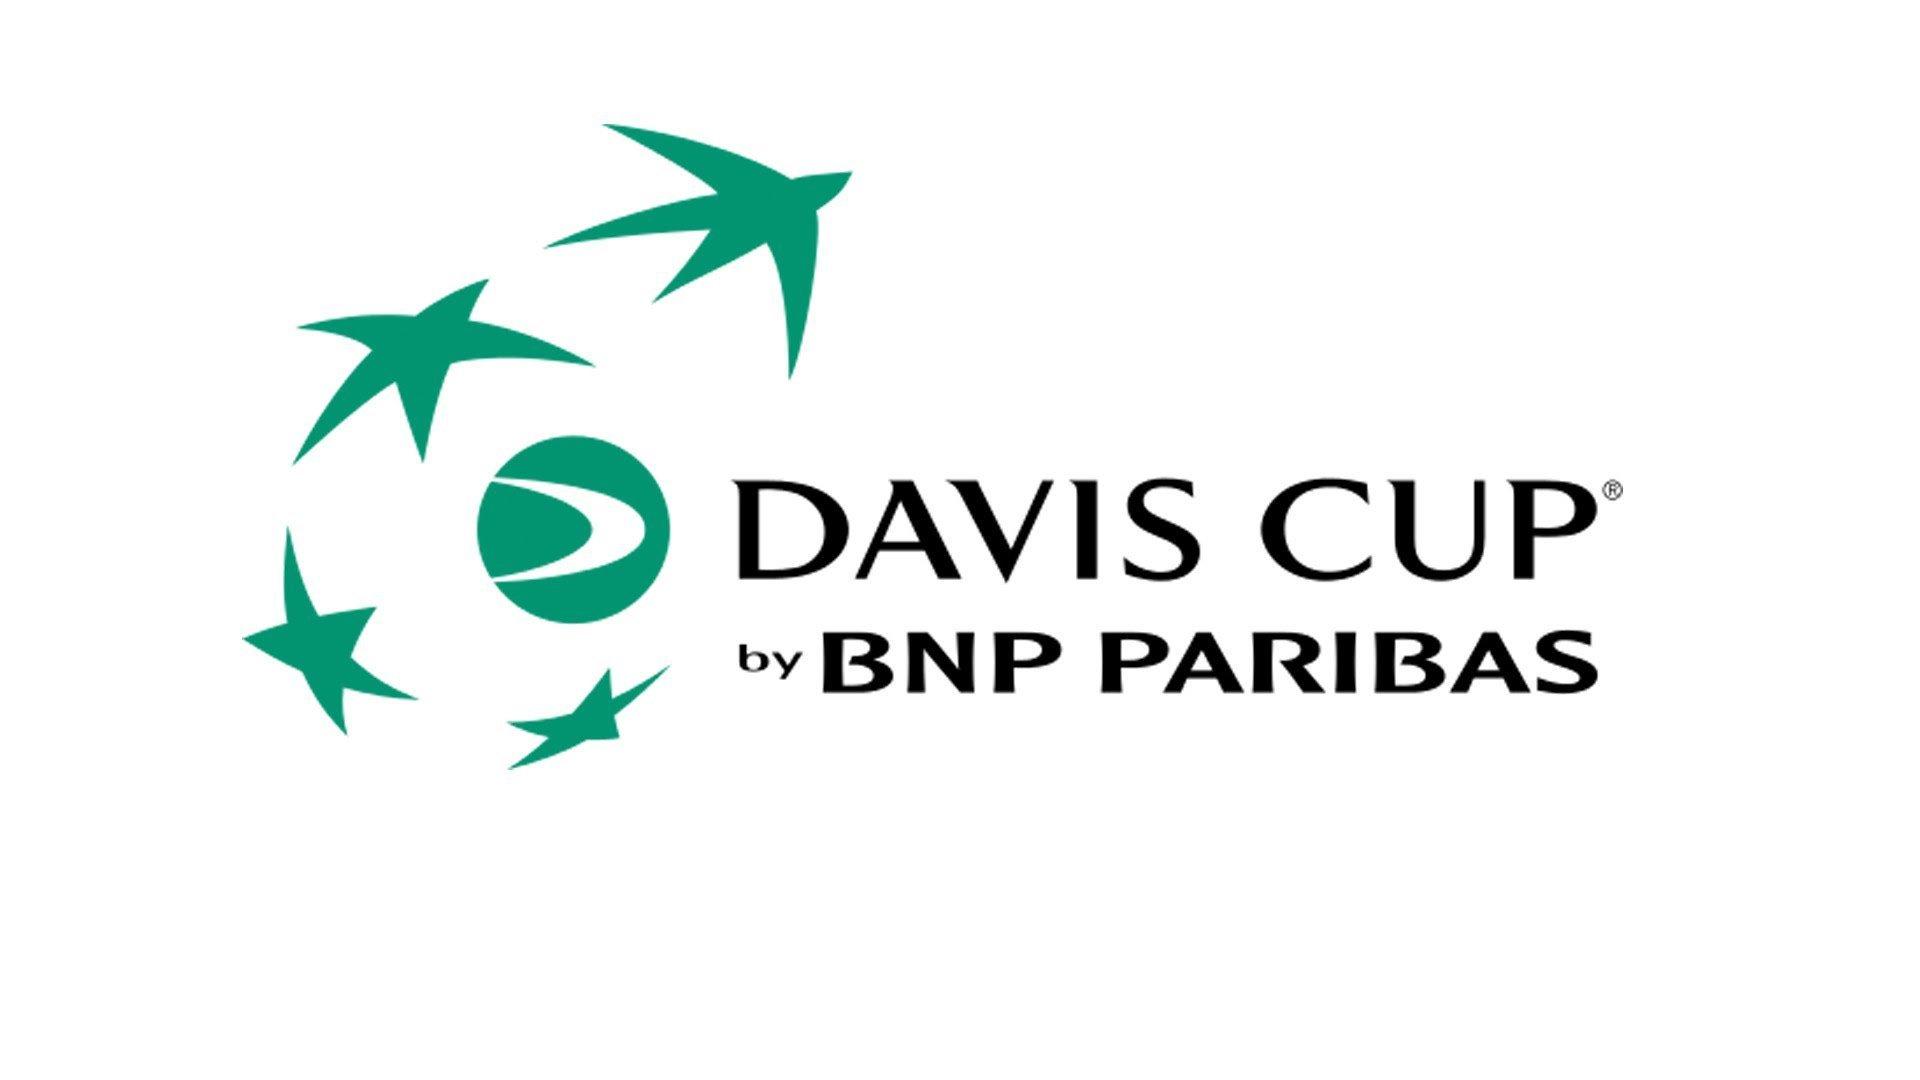 davisCup bnp paribas